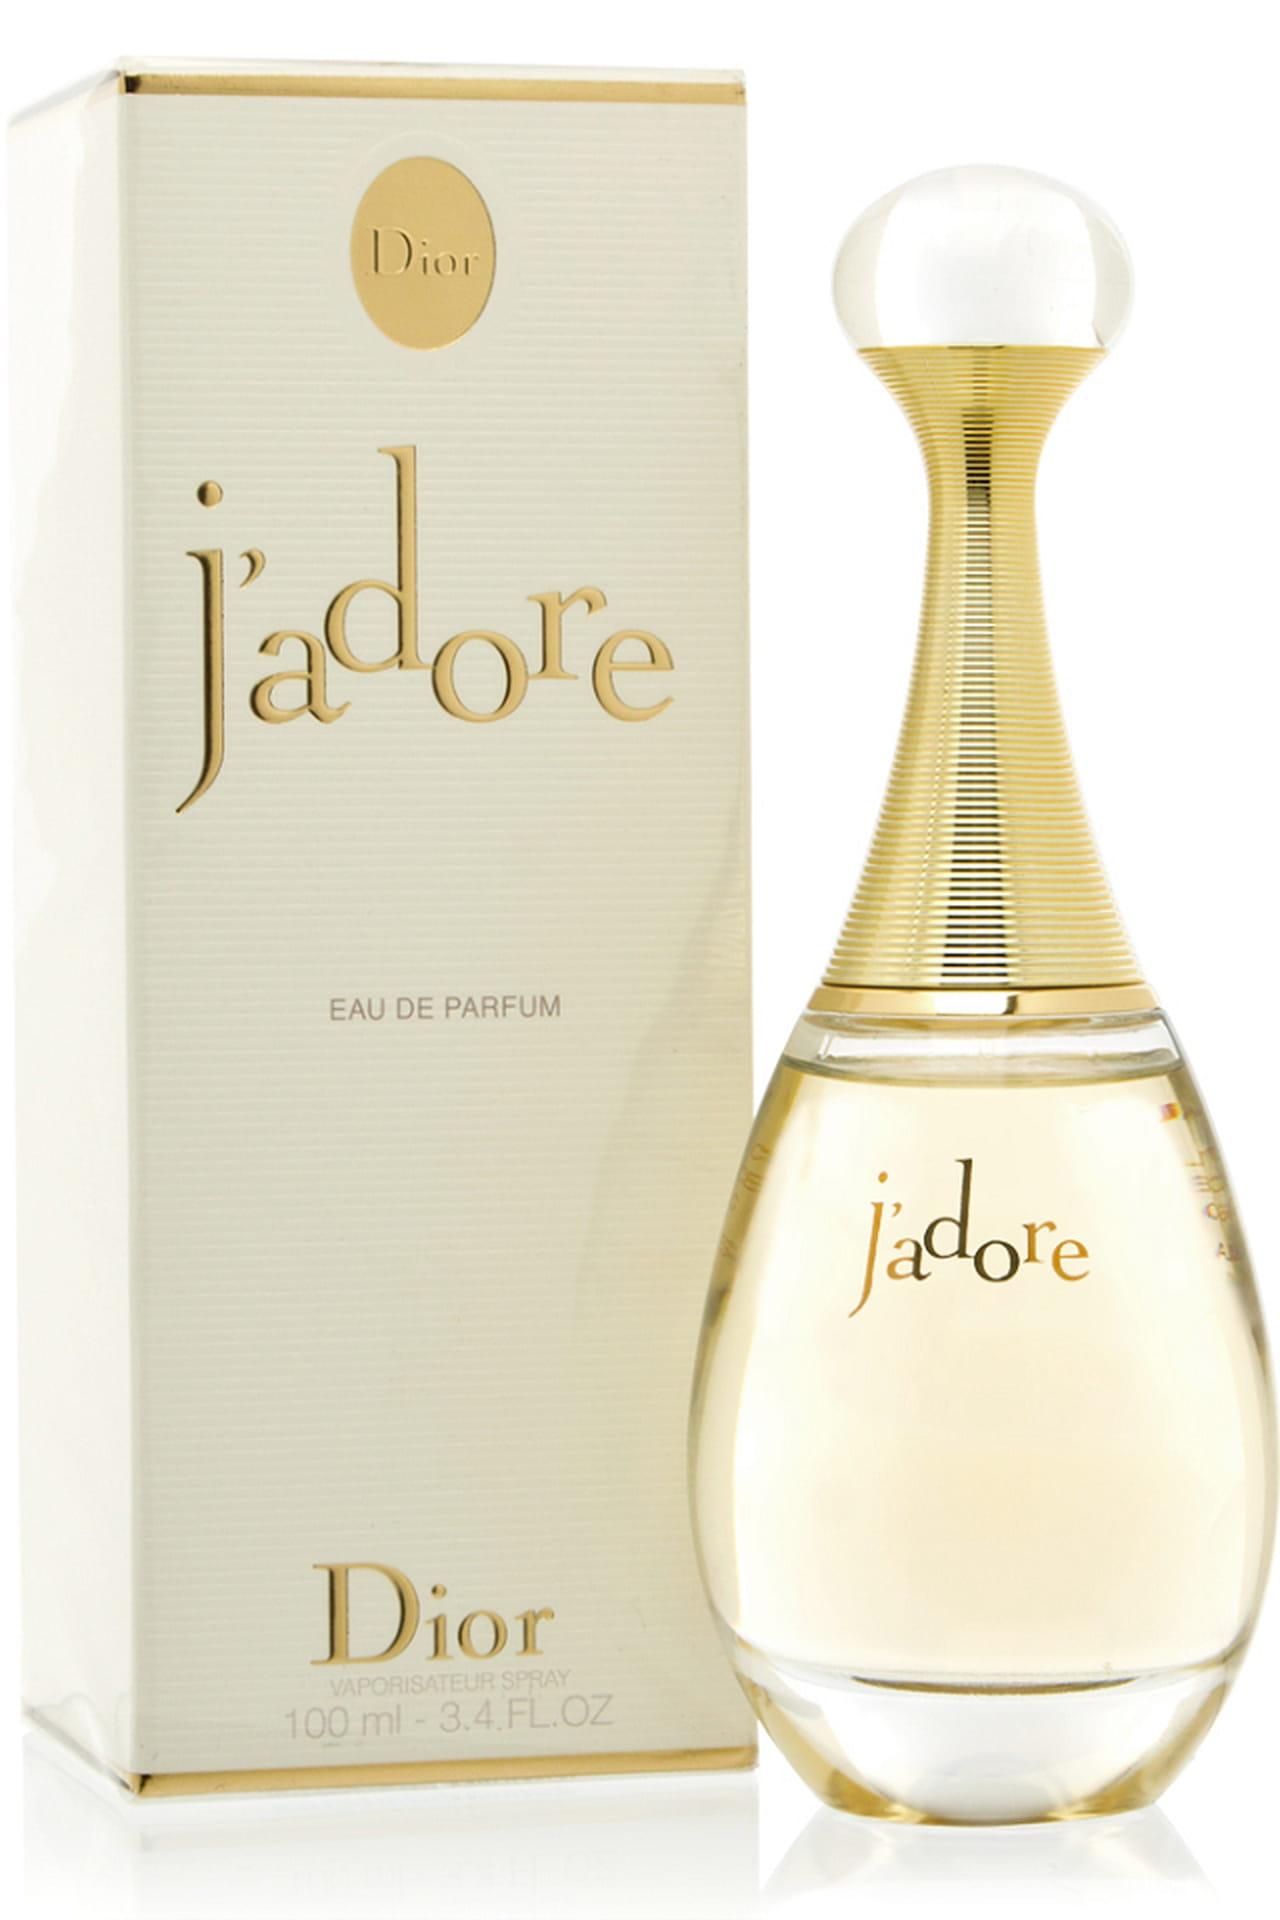 07061f85e عطر Dior J'Adore من علامة Dior الشهيرة يكون من أكثر العطور النسائية التي  تتمتع بشعبية كبيرة على مستوى العالم. هذه الشعبية نتيجة رائحته الجذابة و  الخاطفة ...